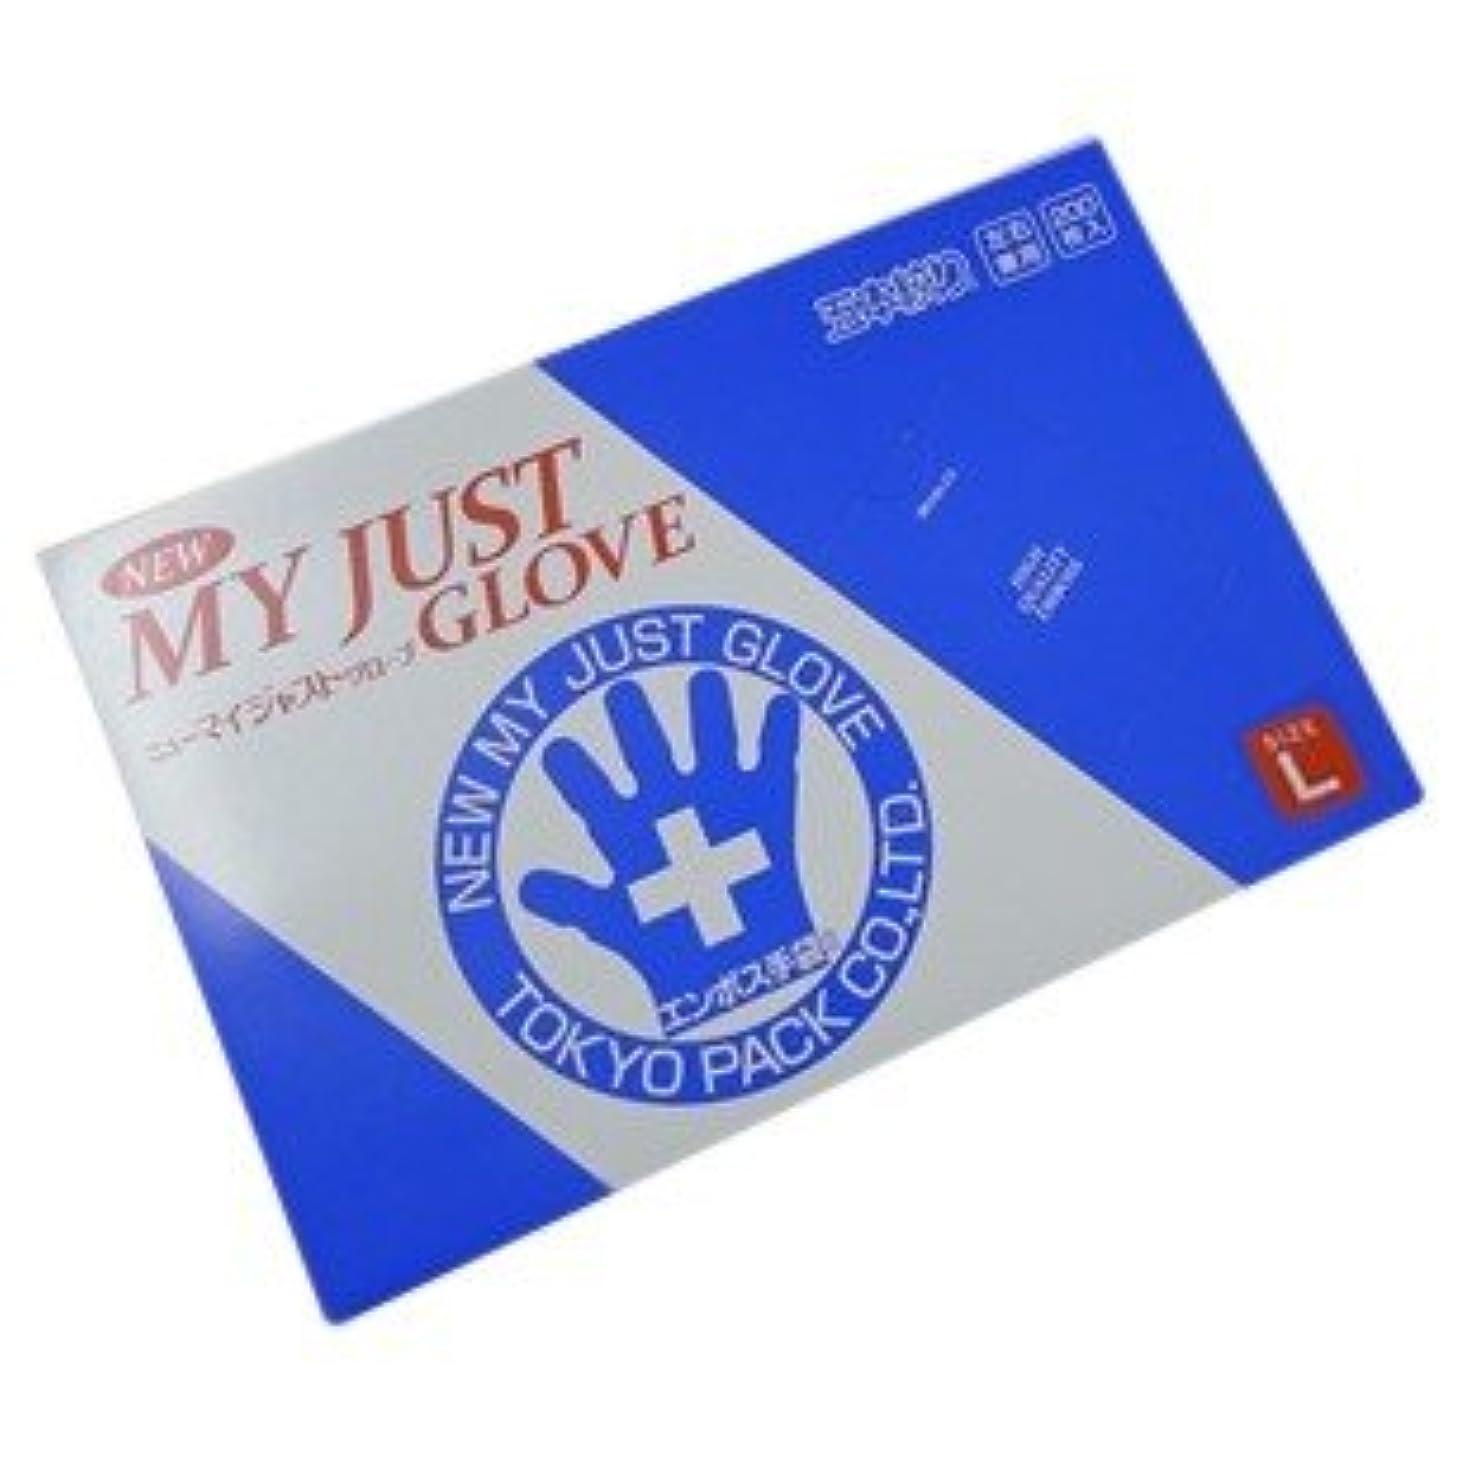 対処金額分割エンボス手袋 ニューマイジャストグローブ L 200枚 東京パック 海外品